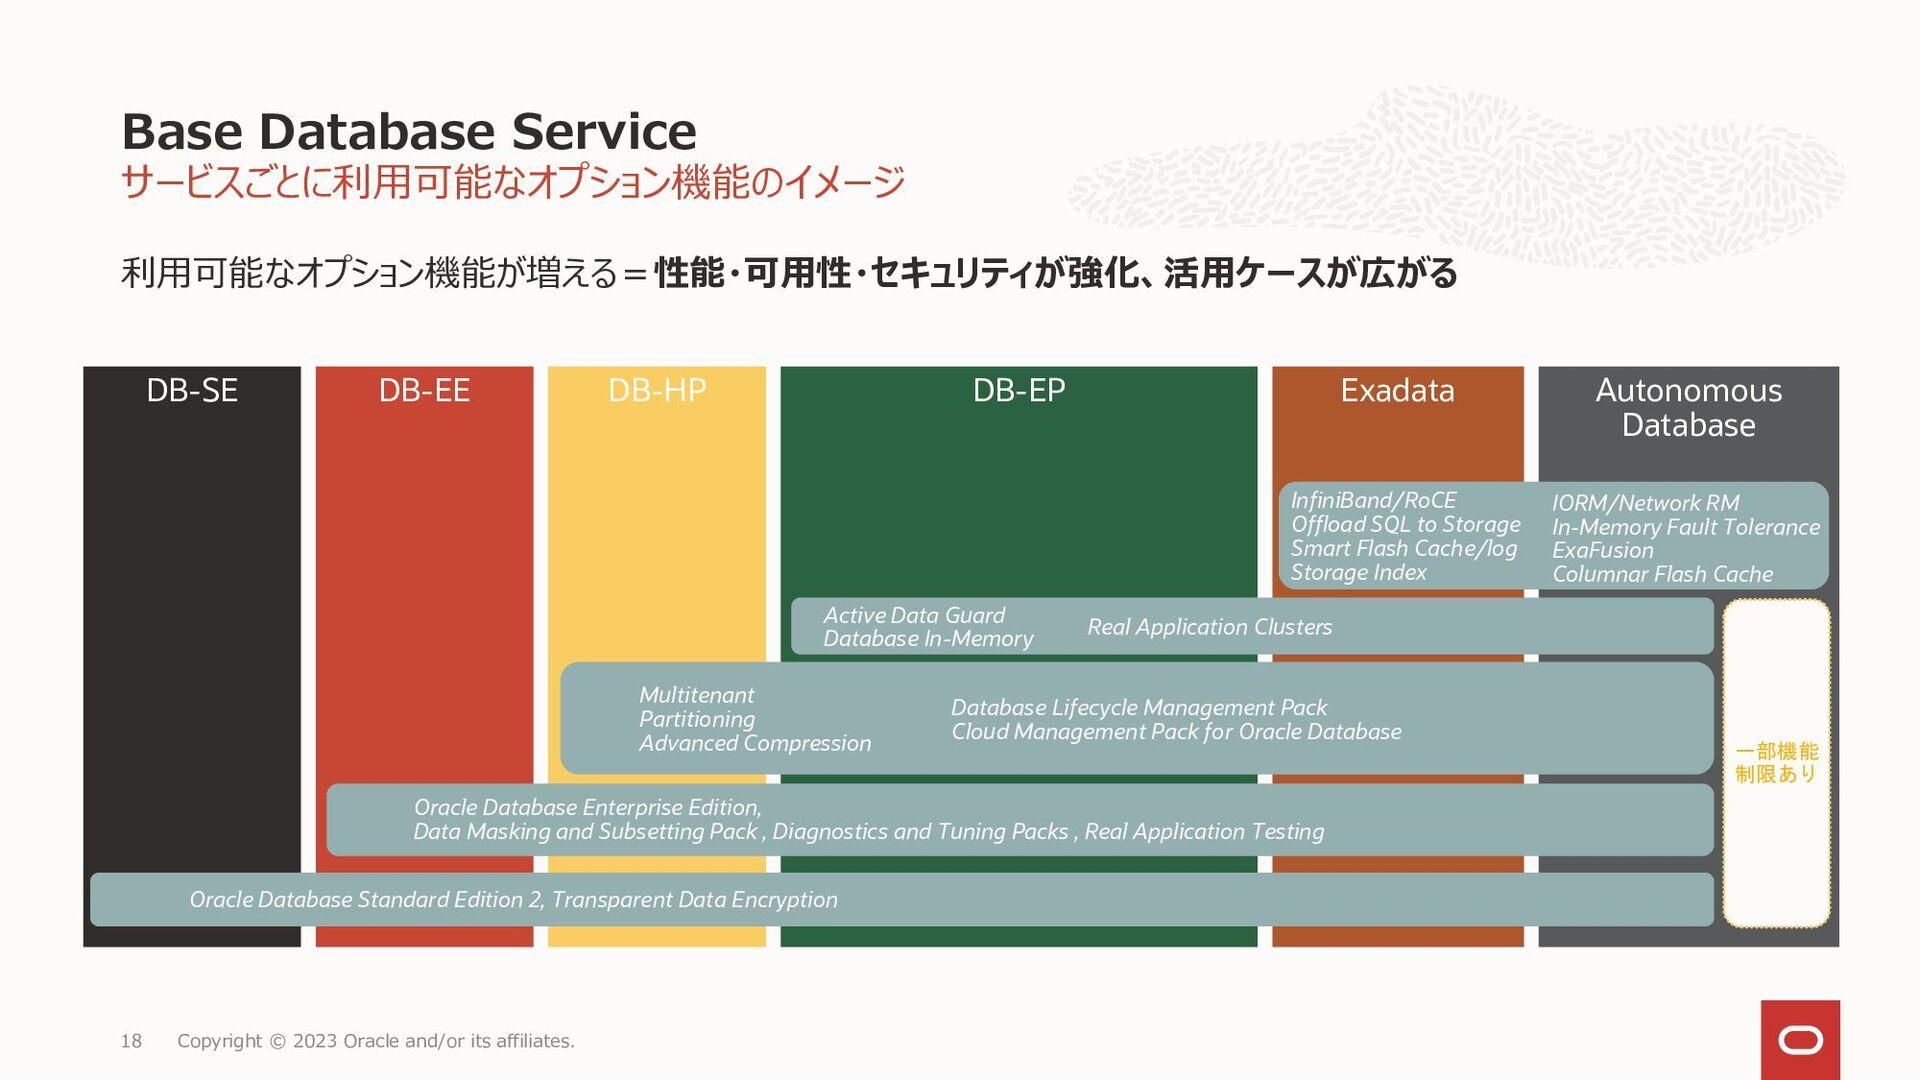 18 Bare MetalのDBシステムにはデフォルトで51.2TBのストレージが含まれていま...